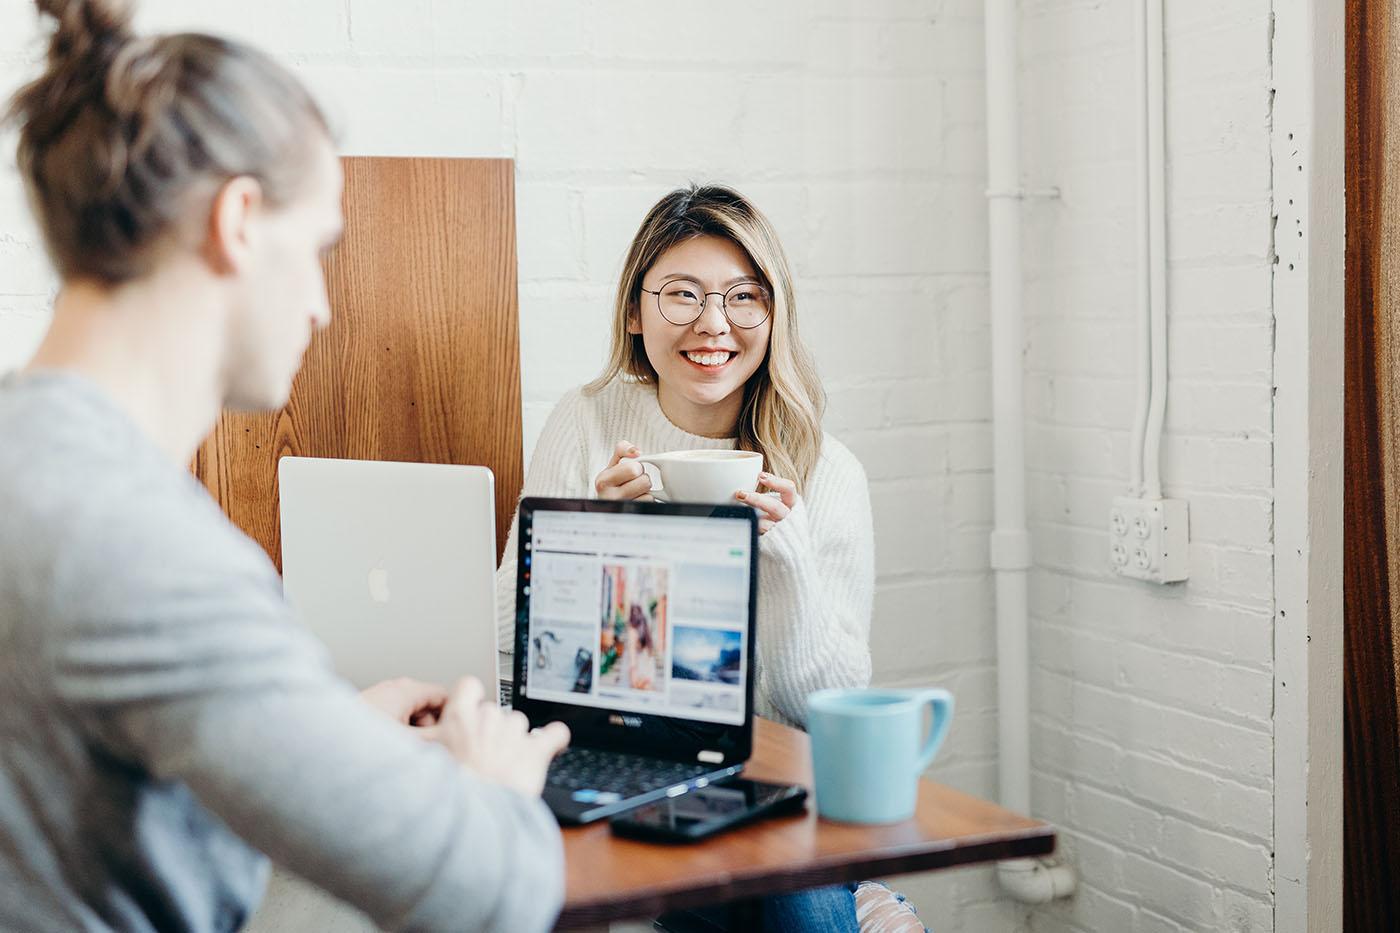 Pourquoi vous avez besoin d'une plateforme d'influence marketing maintenant